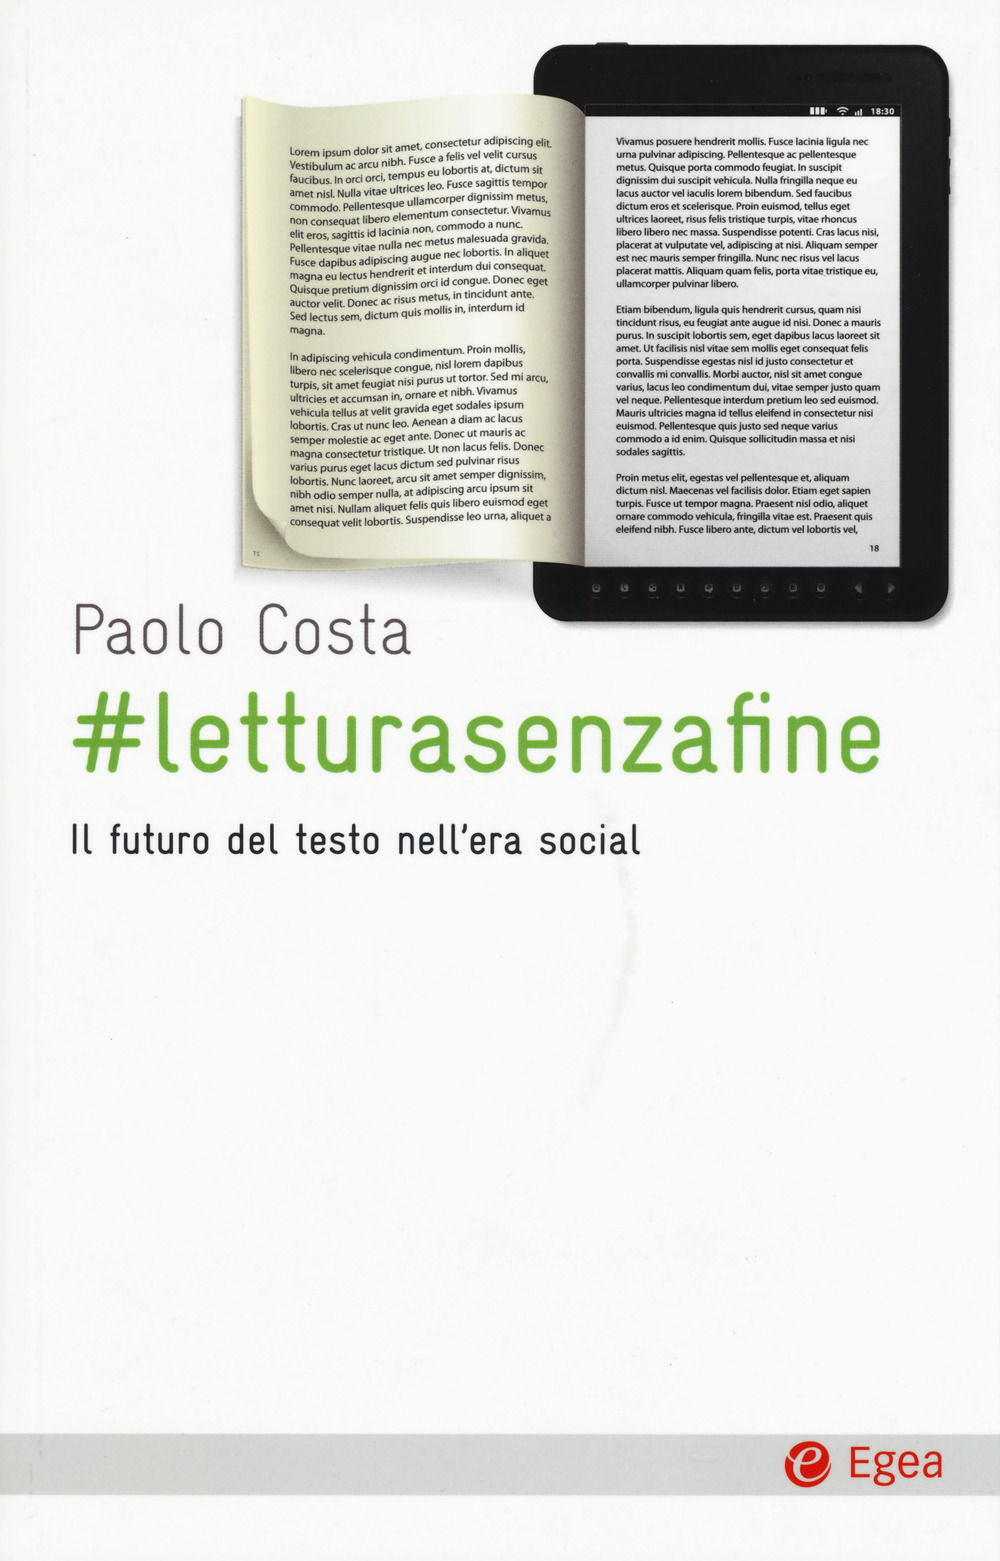 #letturasenzafine